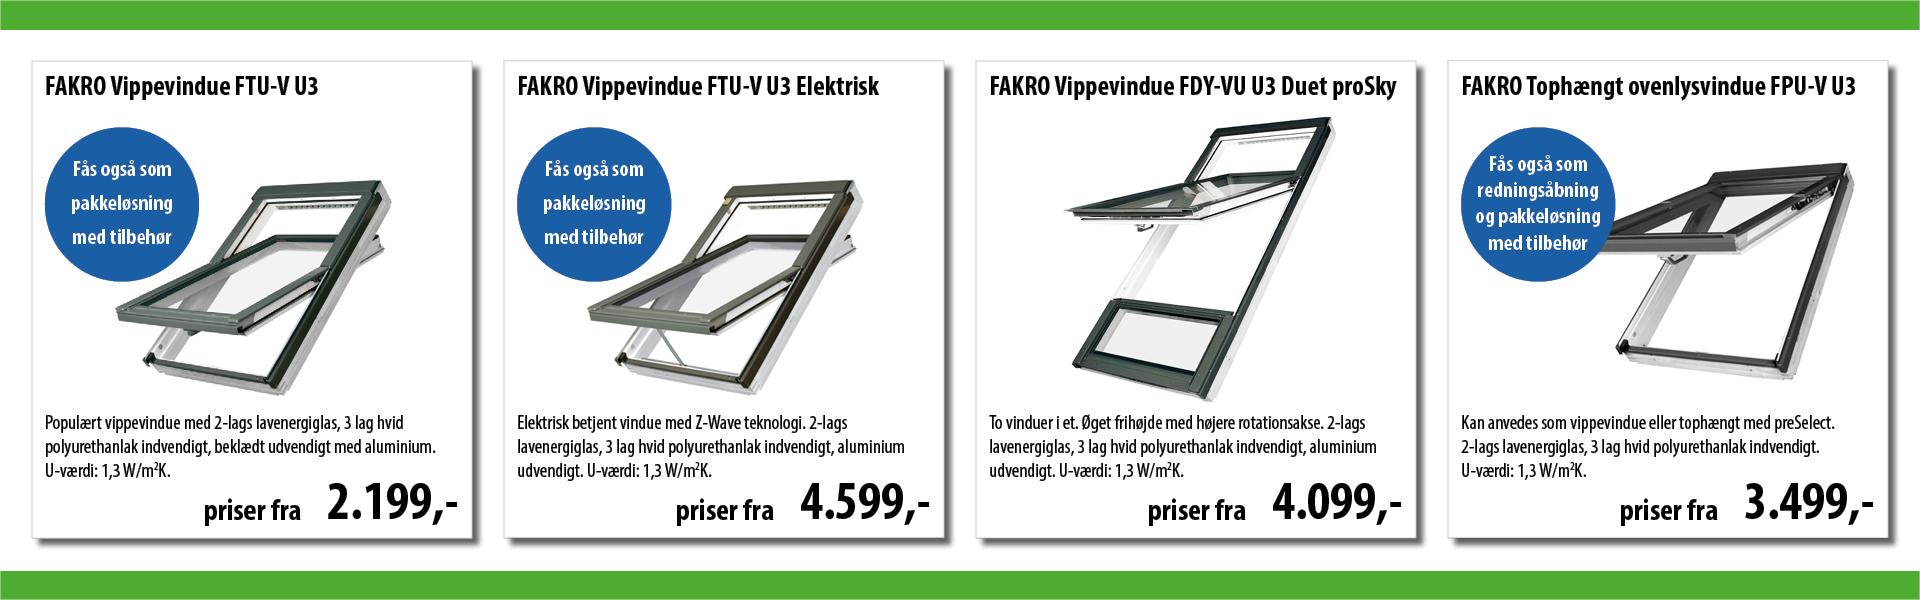 FAKRO_vinduer_Netbyggemarked